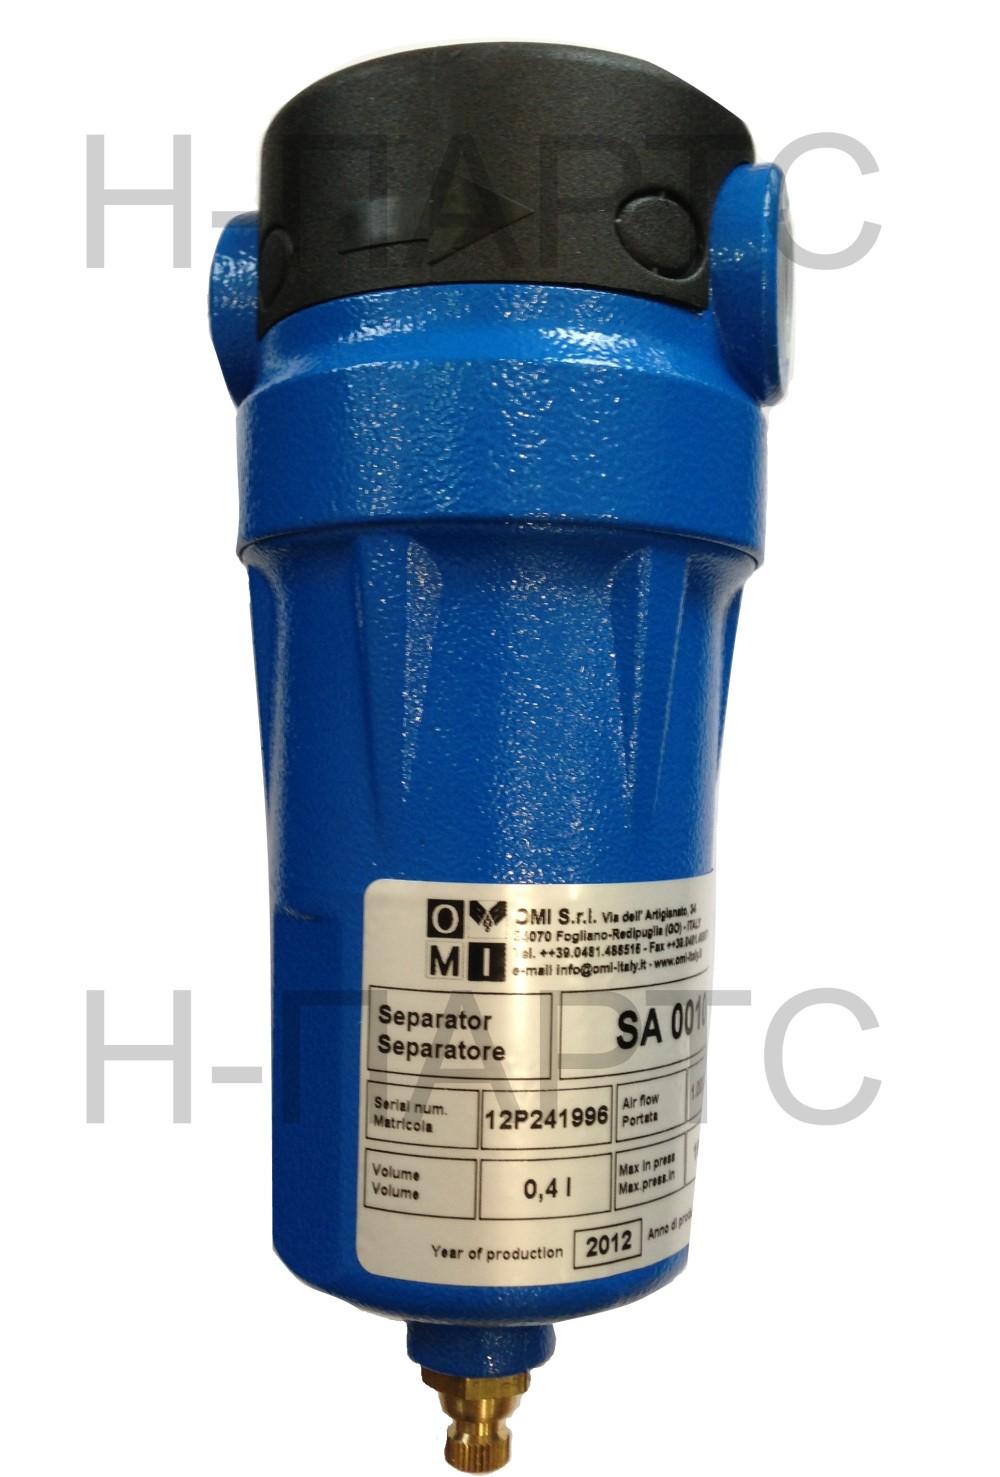 Масло водоотделитель для компрессора своими руками